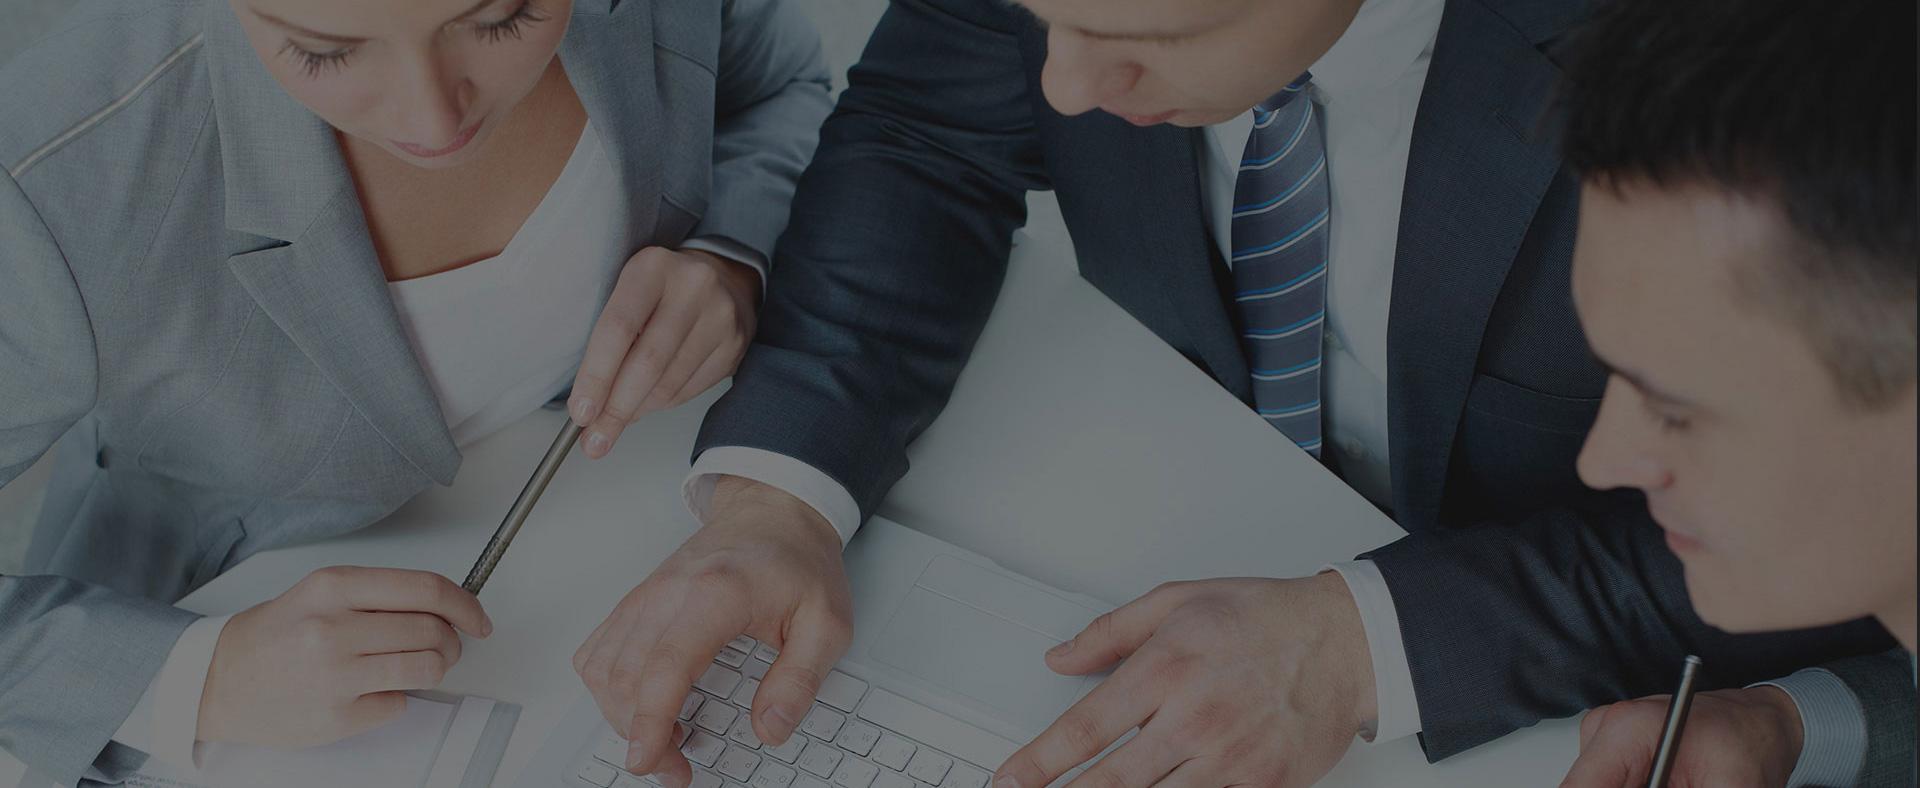 灵活用工——统筹解决企业人力资源问题